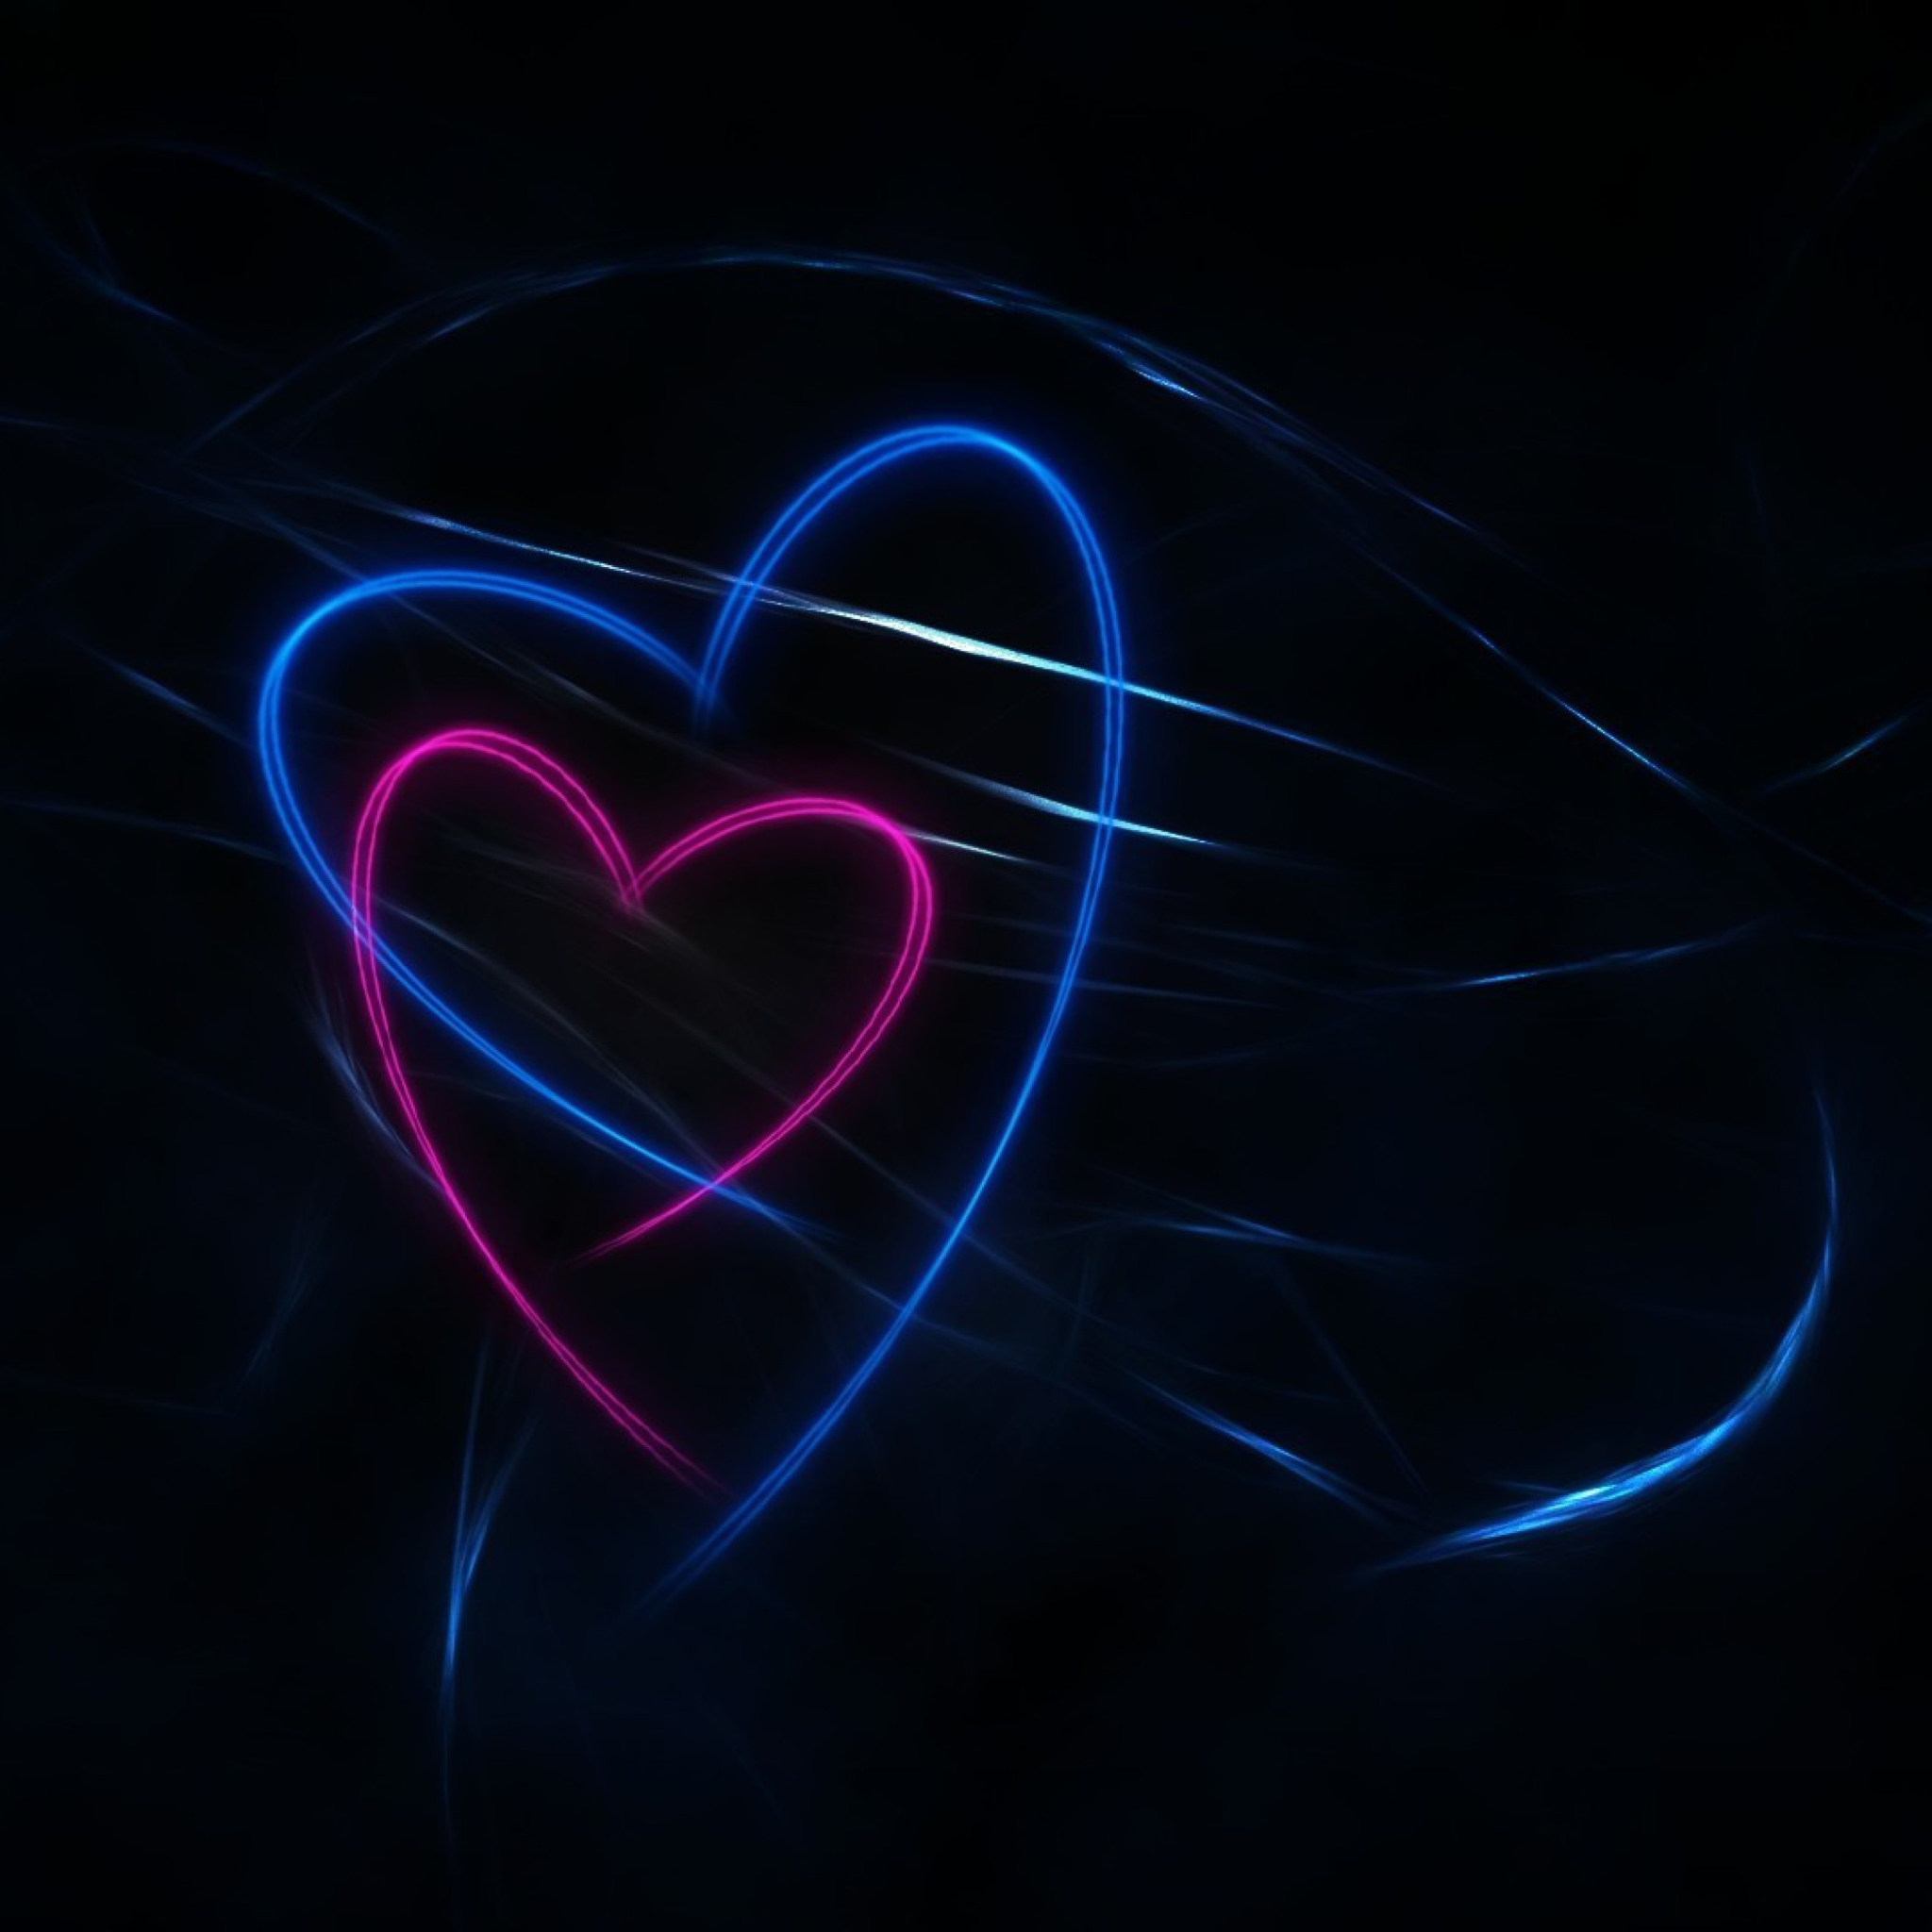 Светящееся сердце загрузить